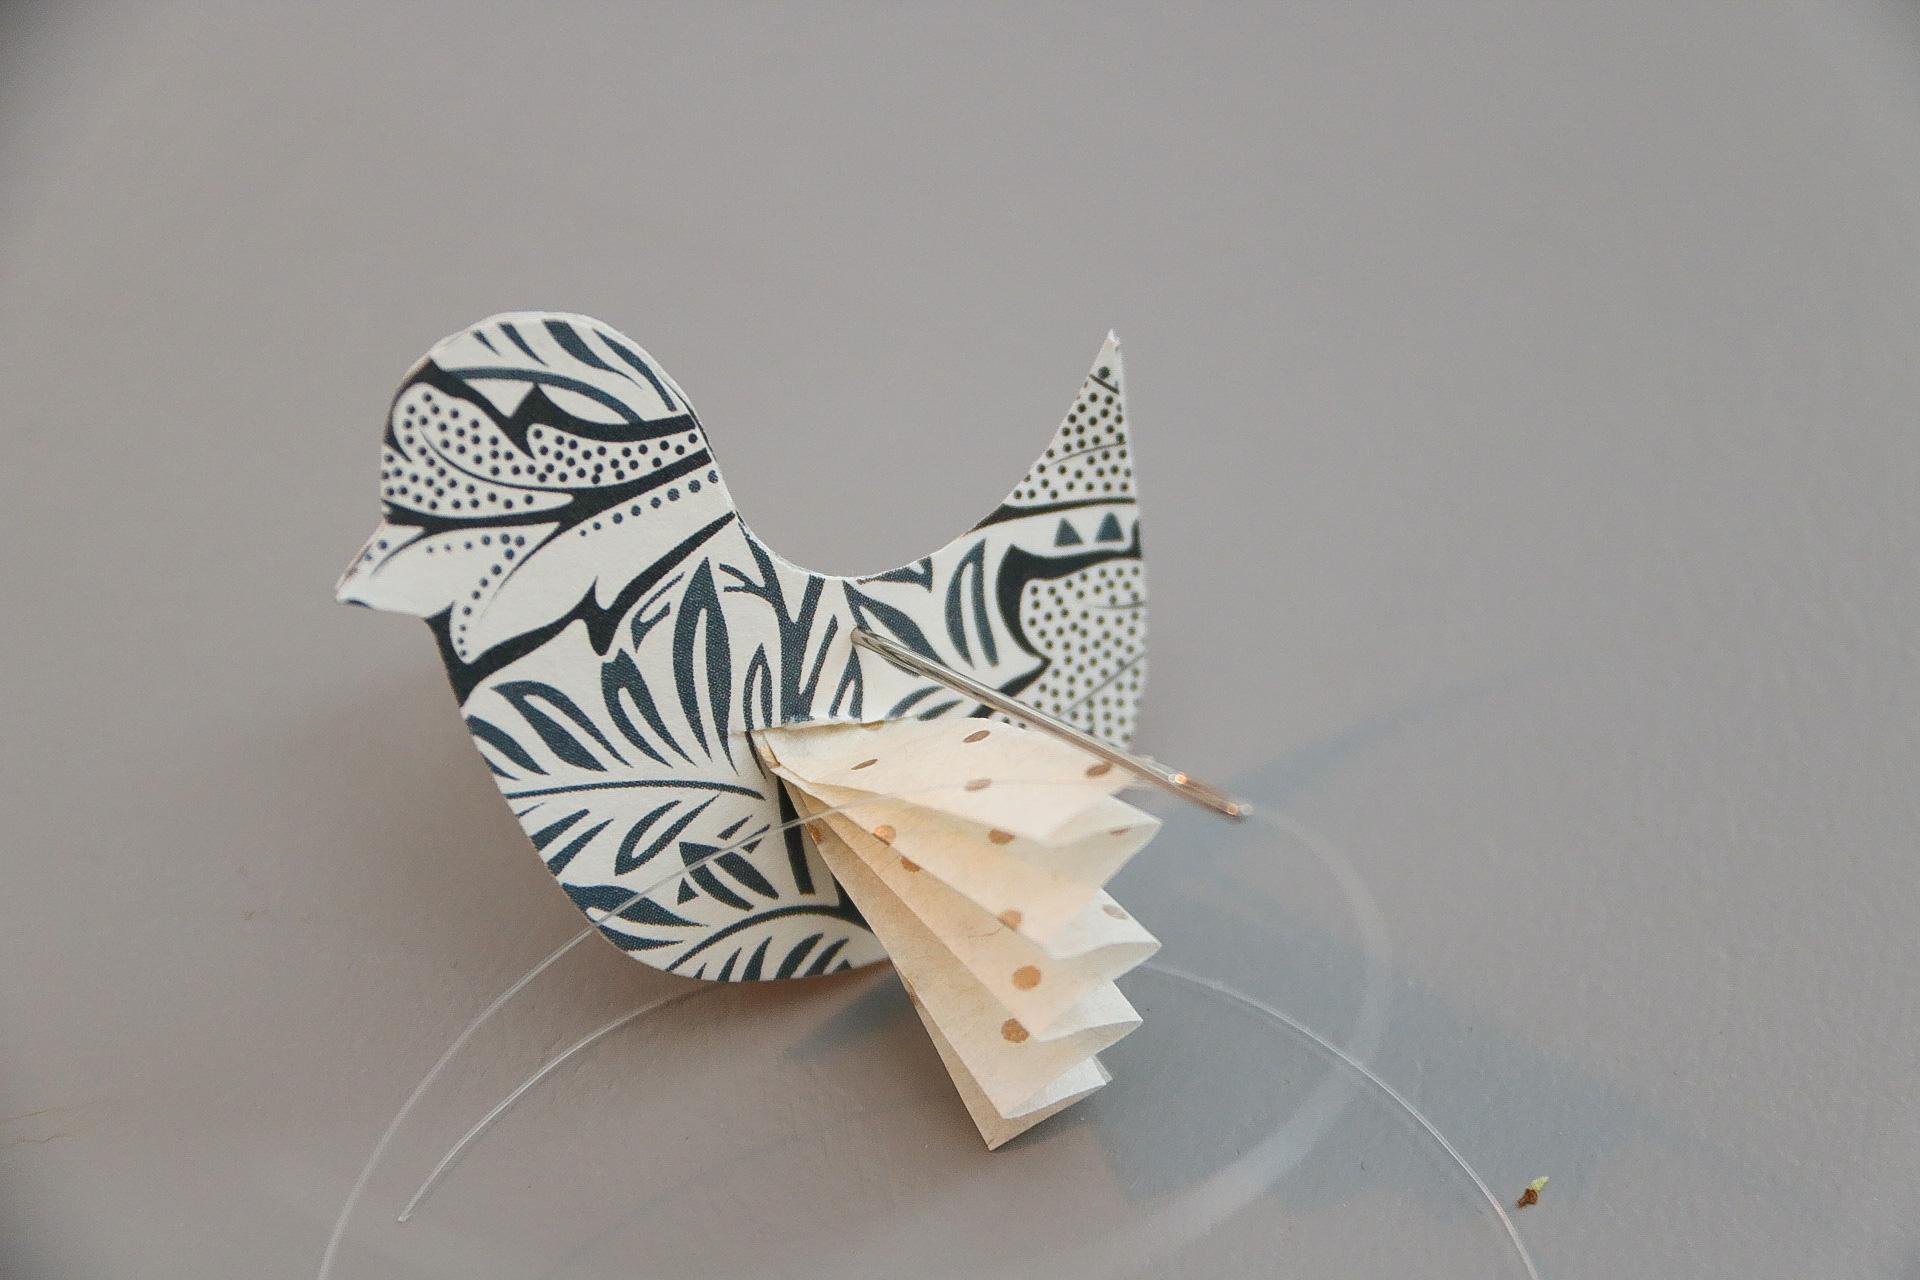 Påaskpyssla pappersfåglar